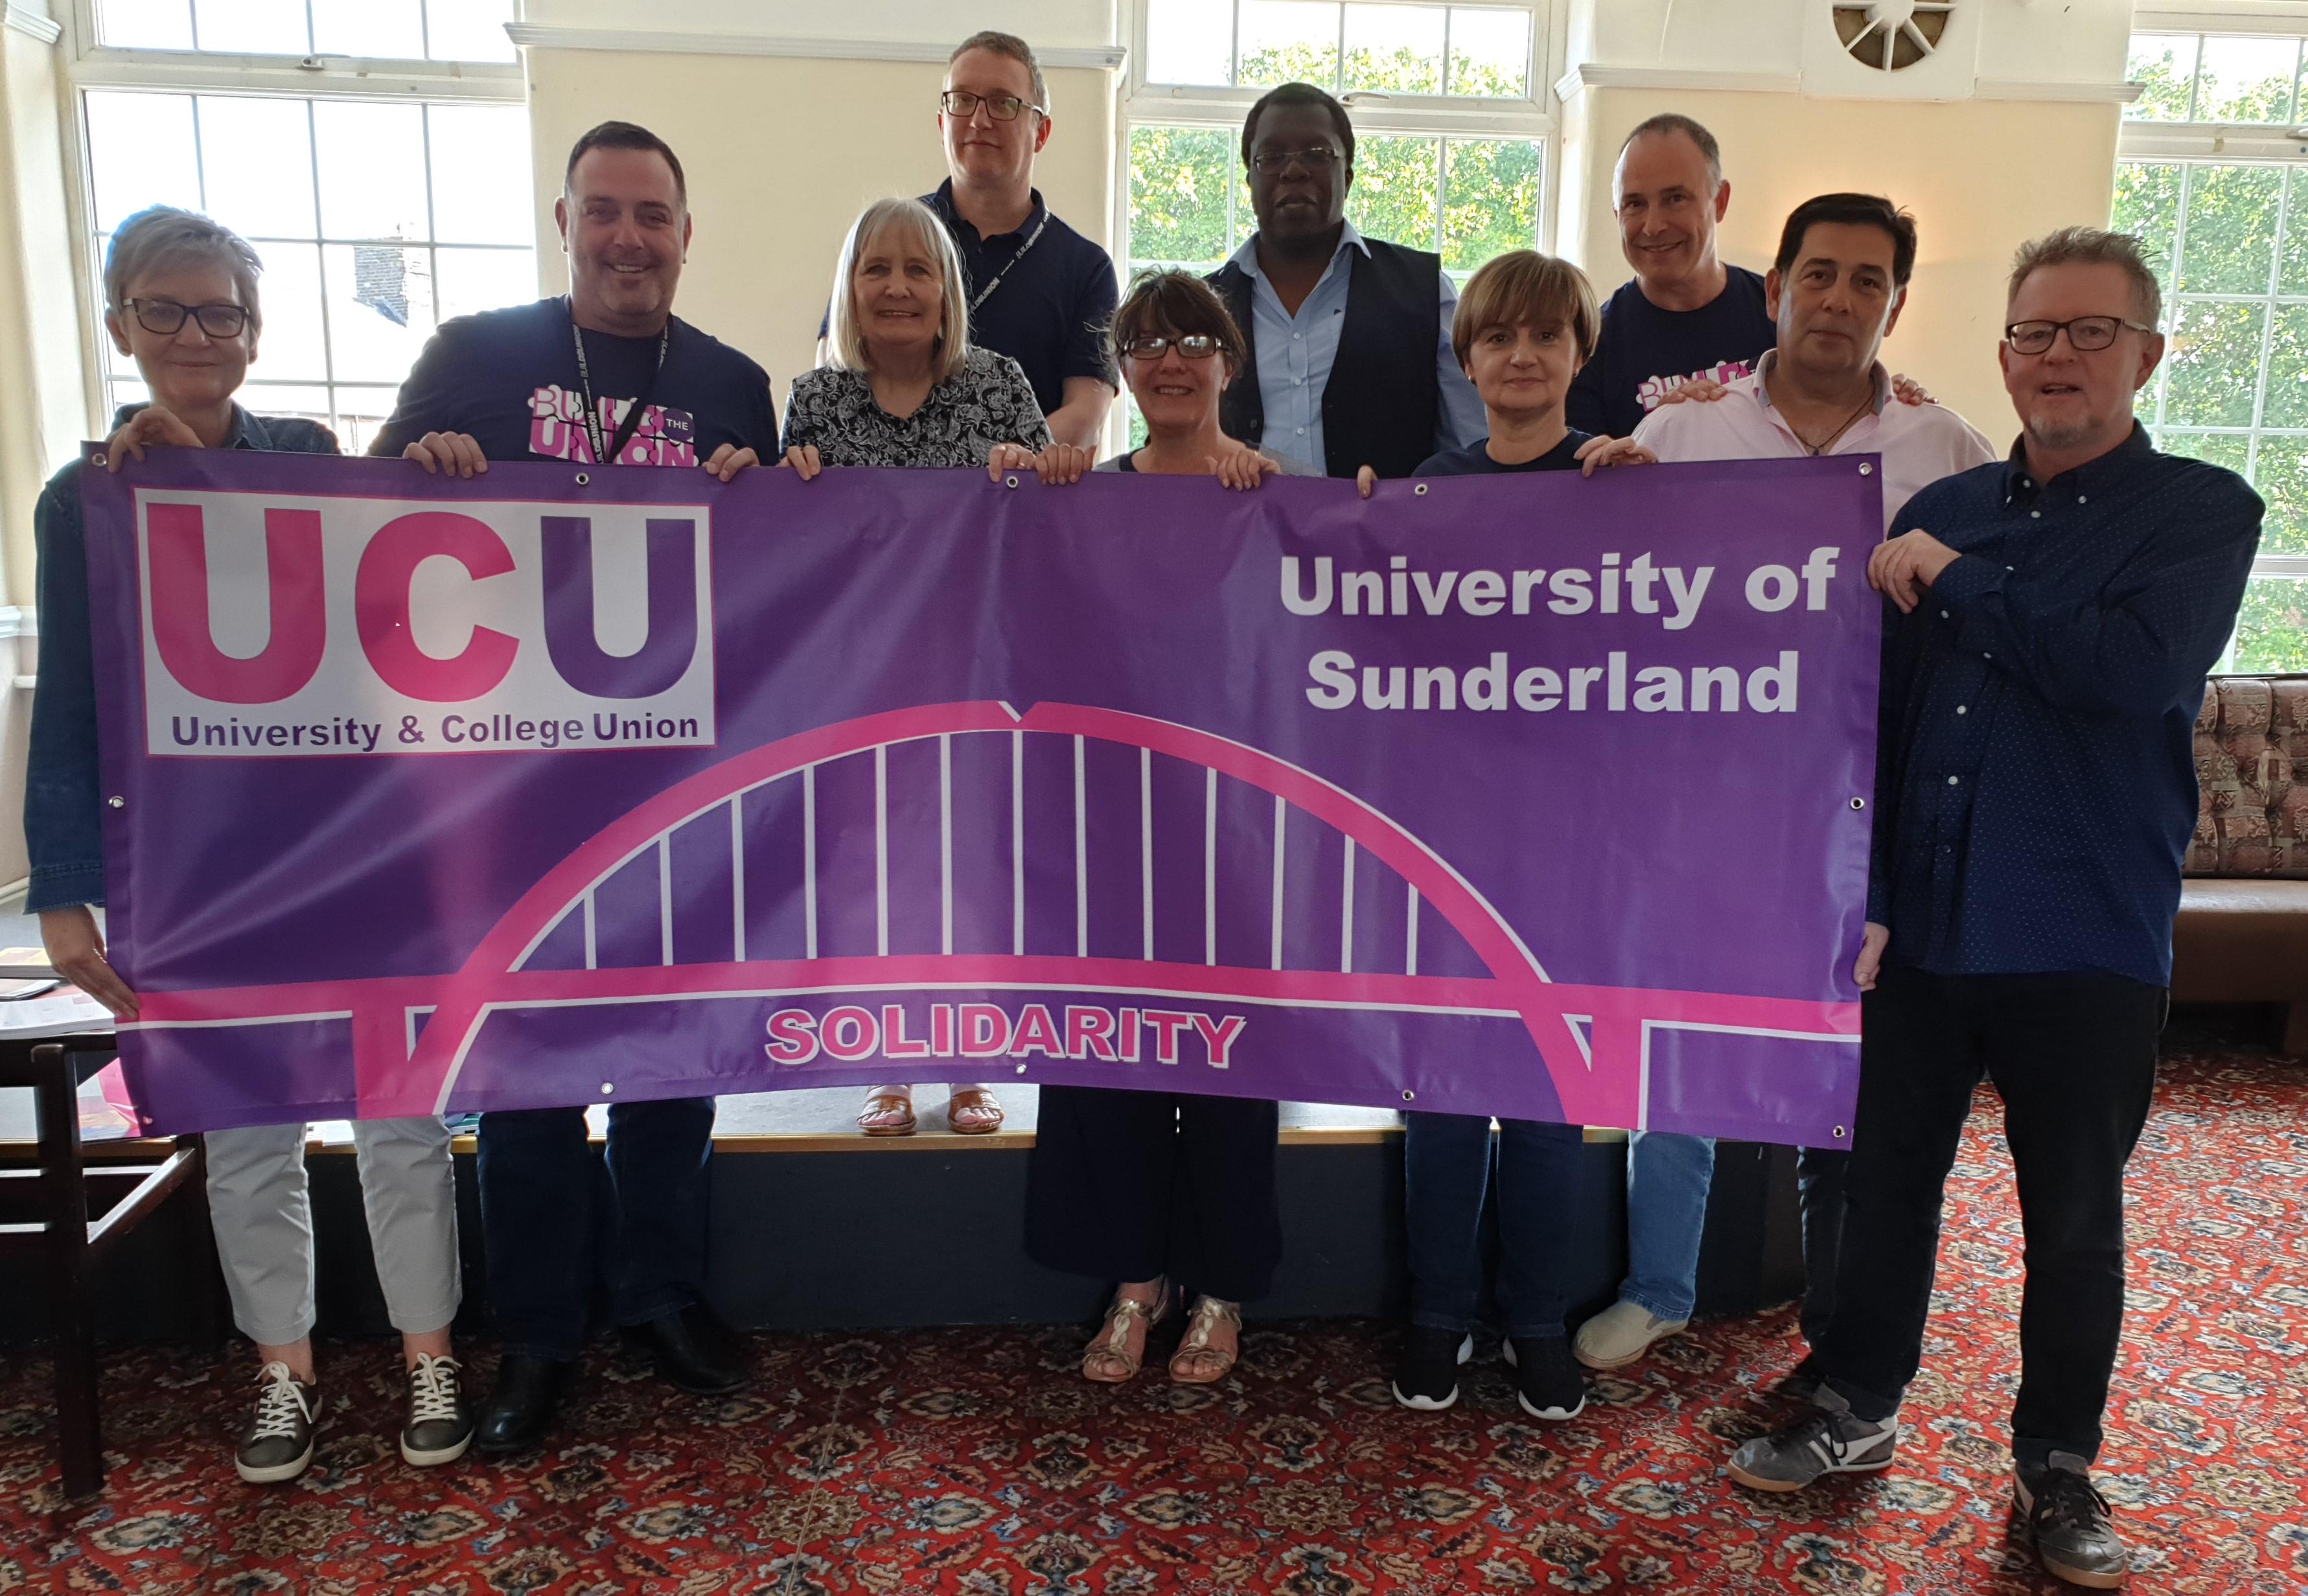 University of Sunderland banner